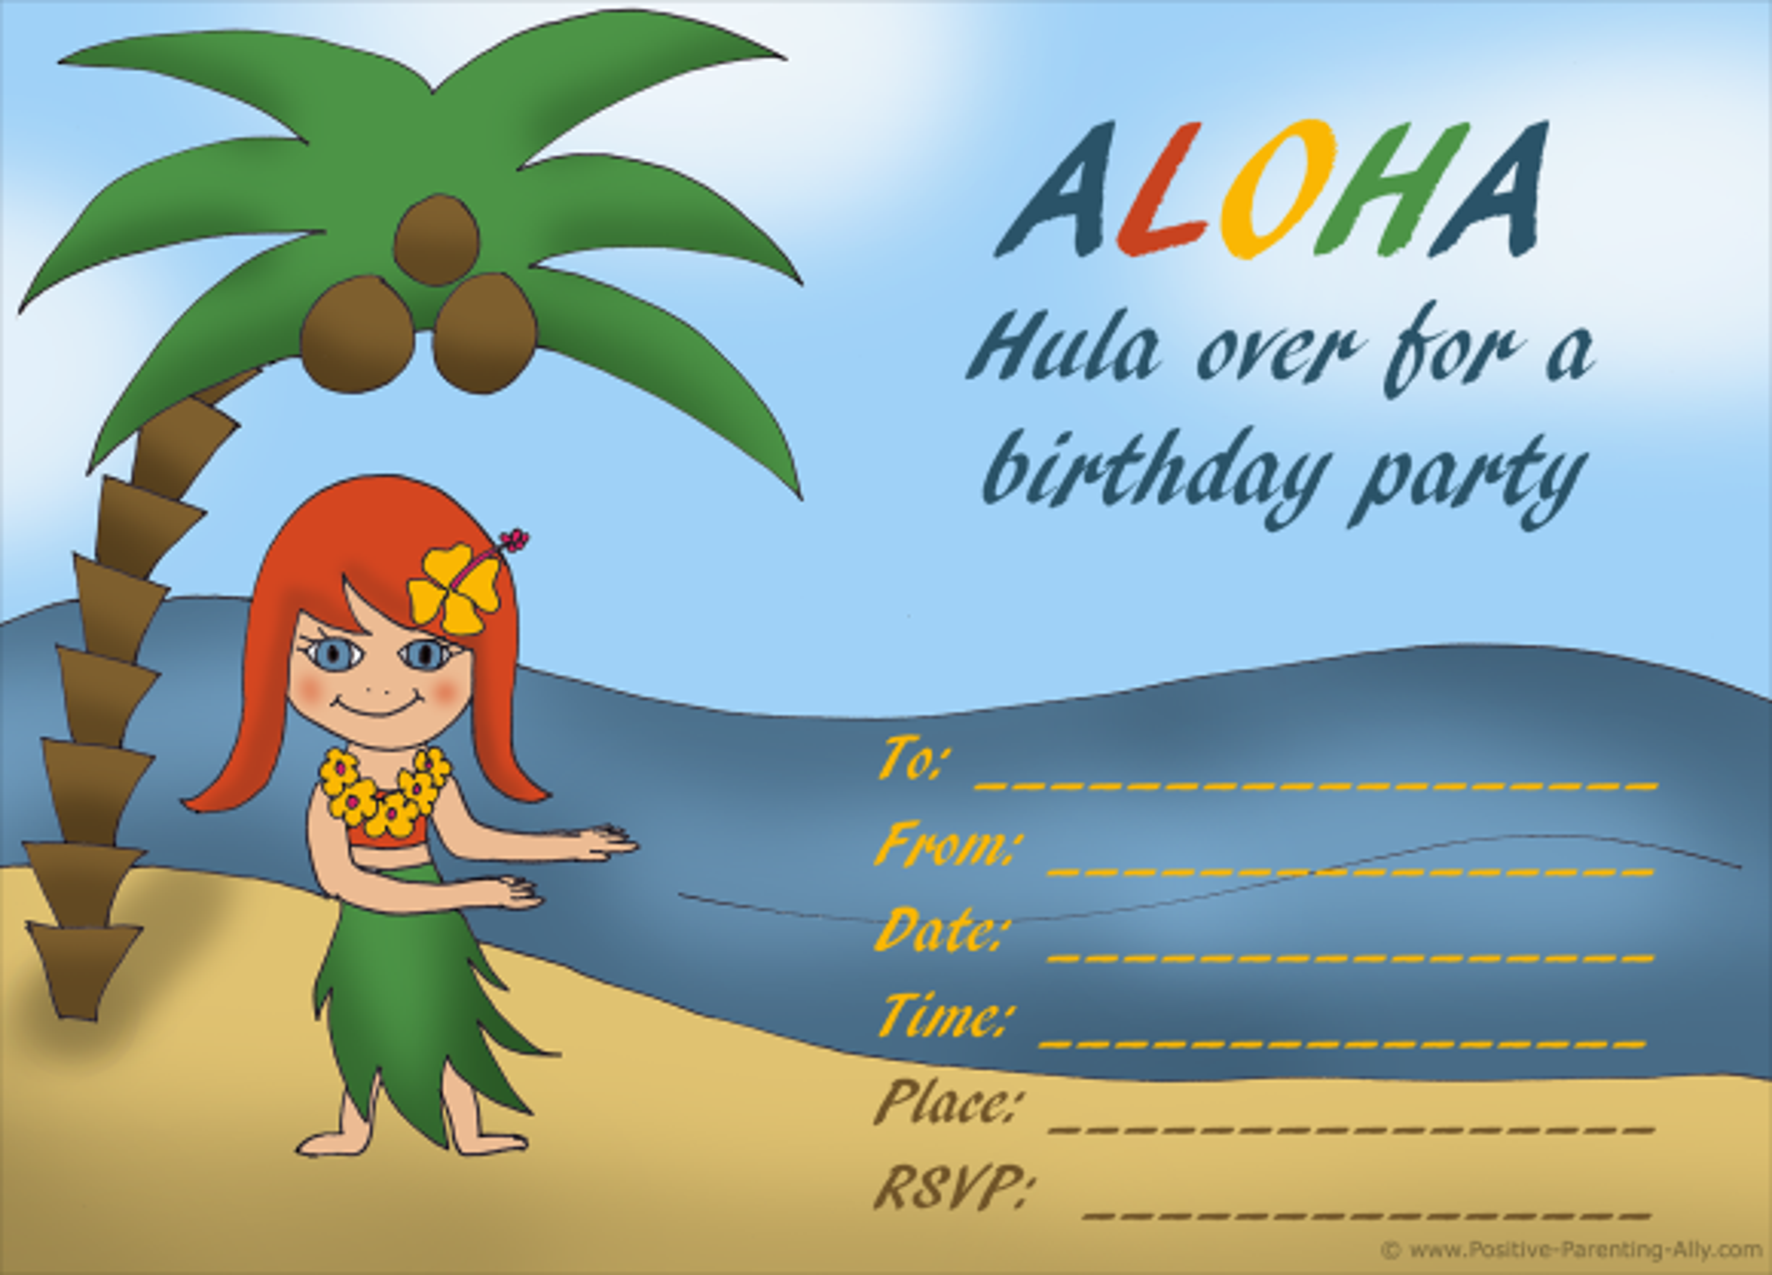 Hawaii hula girl birthday invitation.